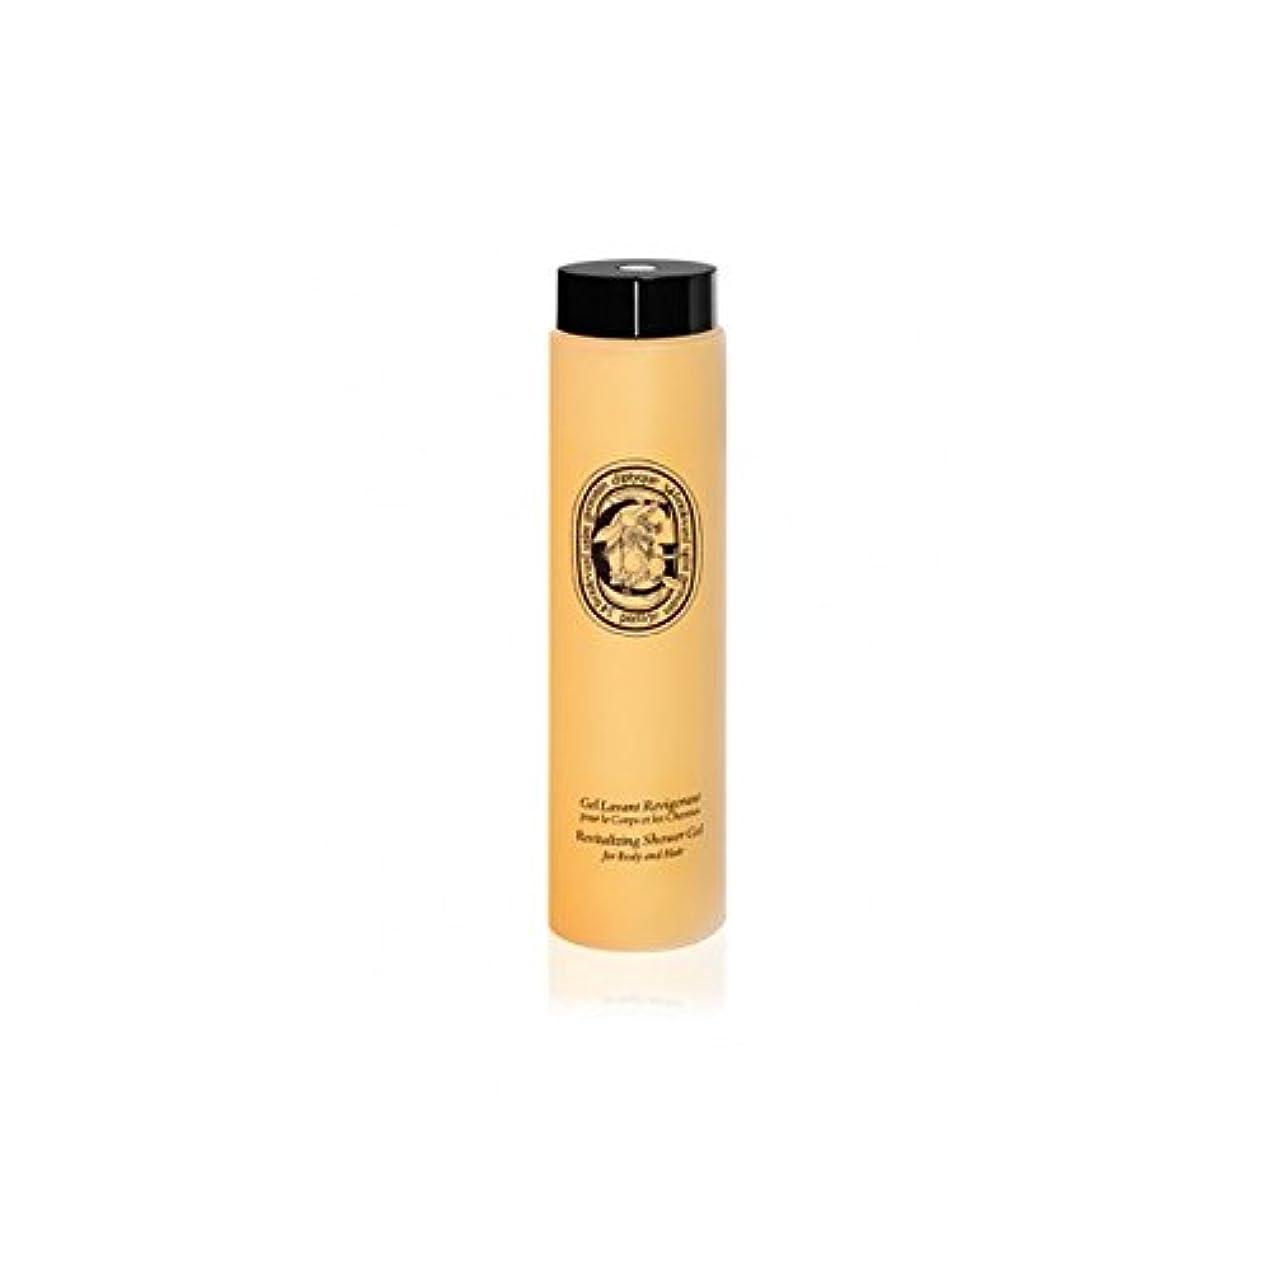 王女フォーマルブッシュDiptyque Revitalizing Shower Gel For Body And Hair 200ml (Pack of 6) - ボディ、ヘア200ミリリットルのためDiptyqueのリバイタライジングシャワージェル (x6) [並行輸入品]